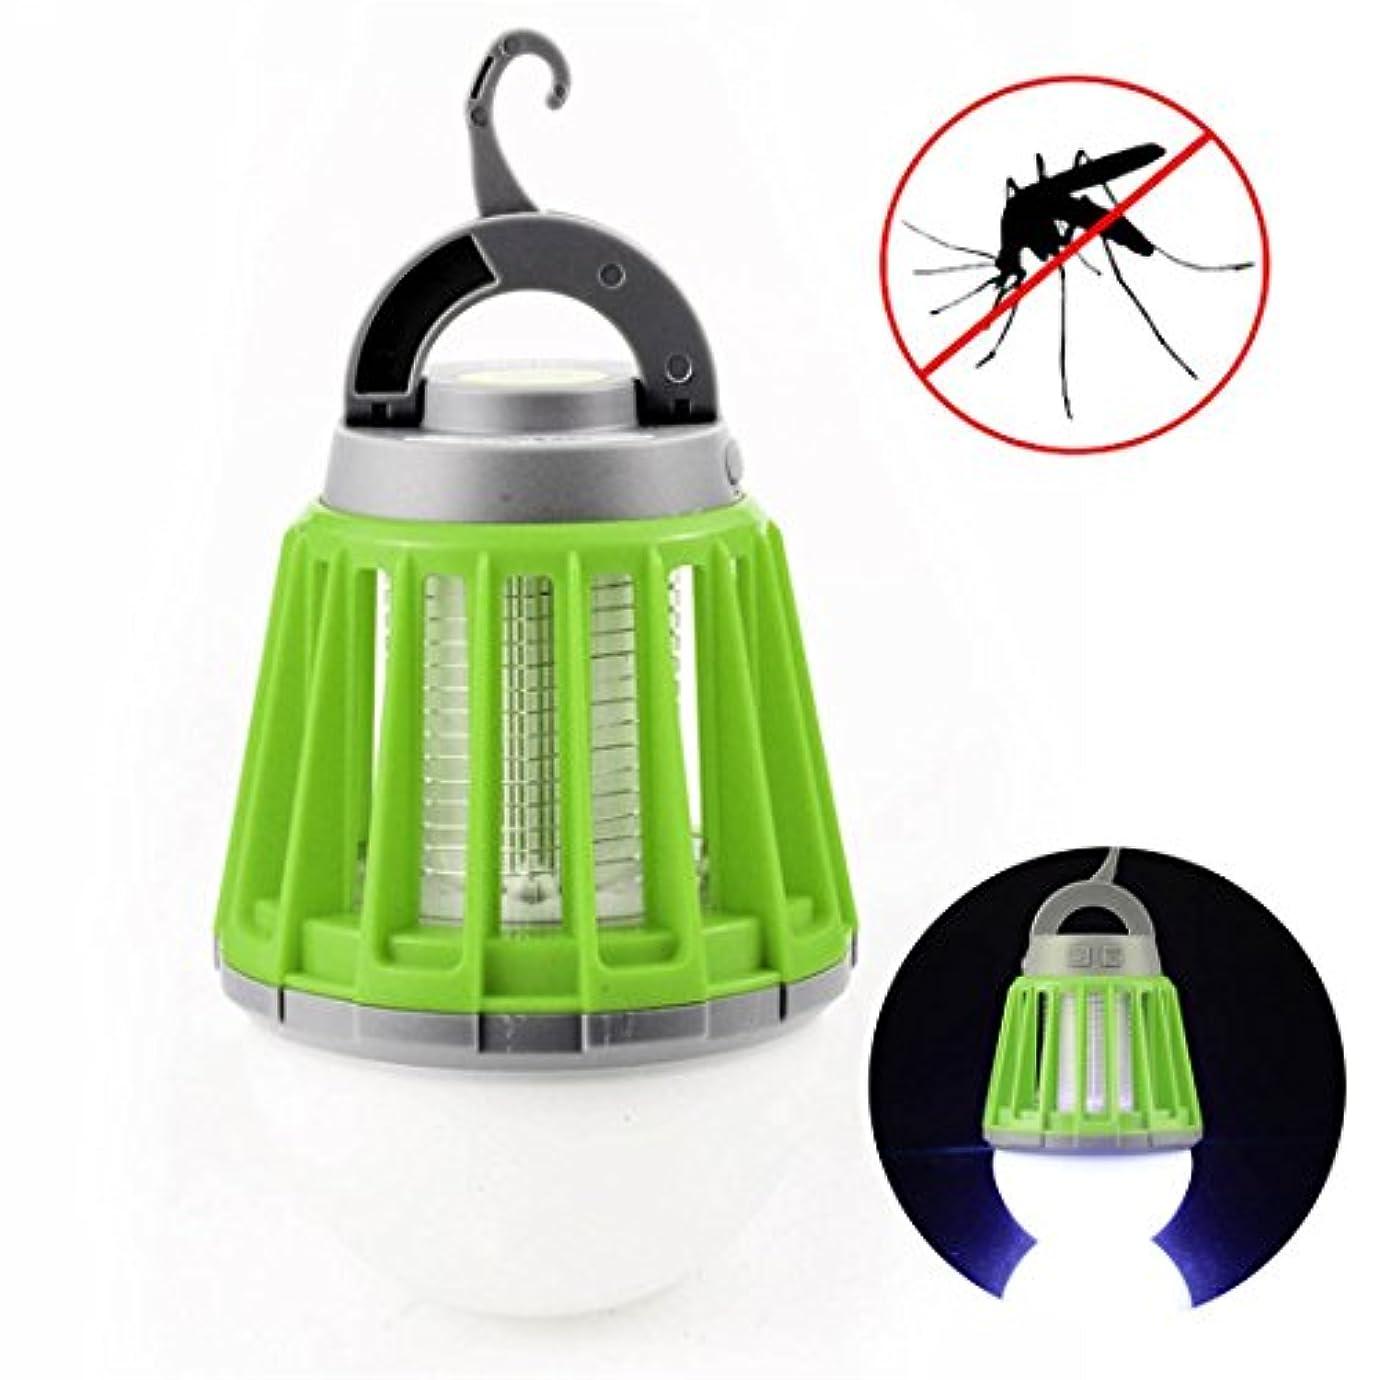 穀物織る定数電撃殺虫器 LEDランタン TopYart 蚊取りと照明両用 USB充電式 IPX6 防水機能 屋外室内適用 (グーリン)